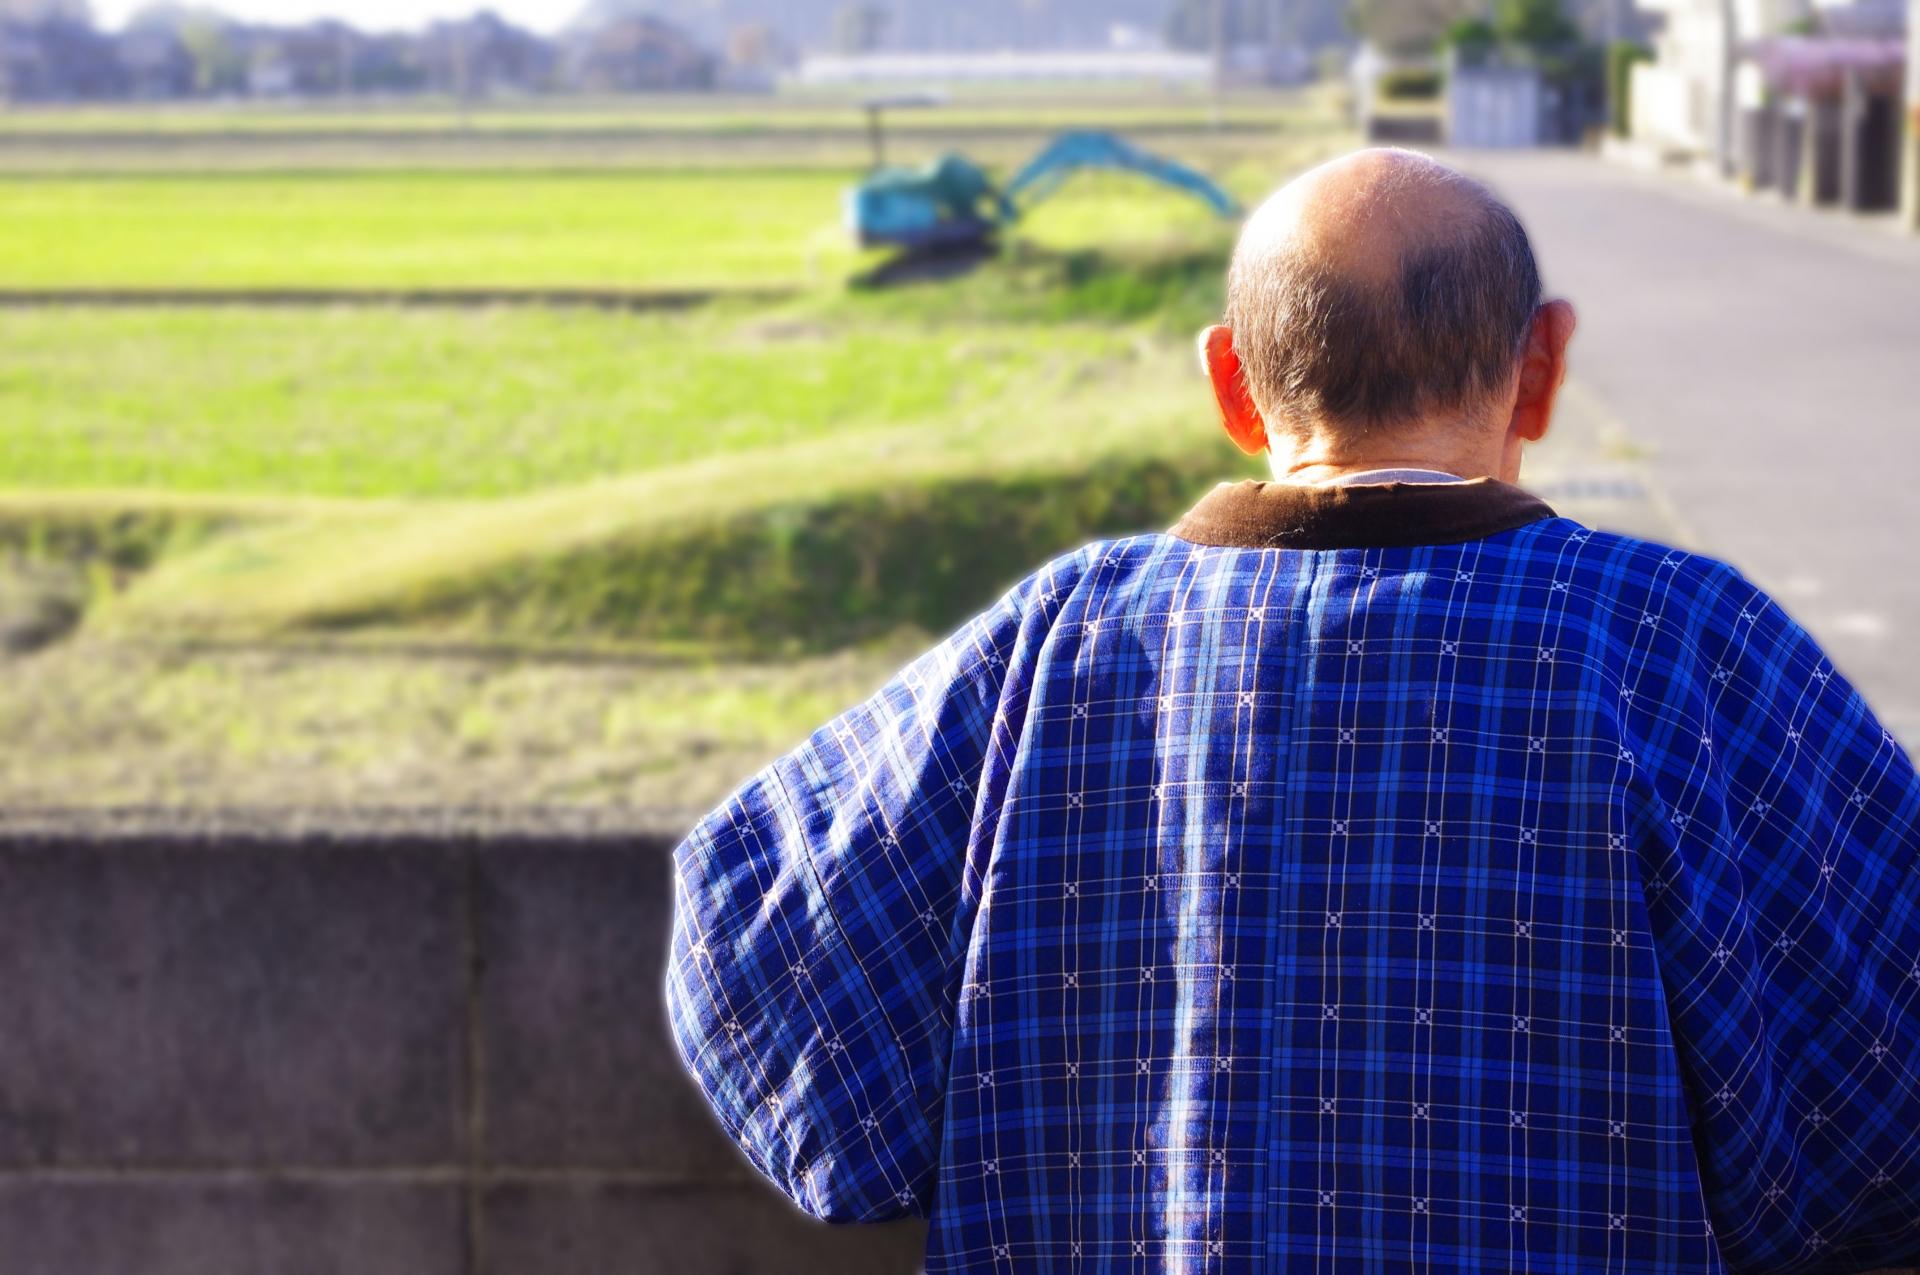 老年期に訪れる【ワガママ病】暴走する老人が増えているワケとは?